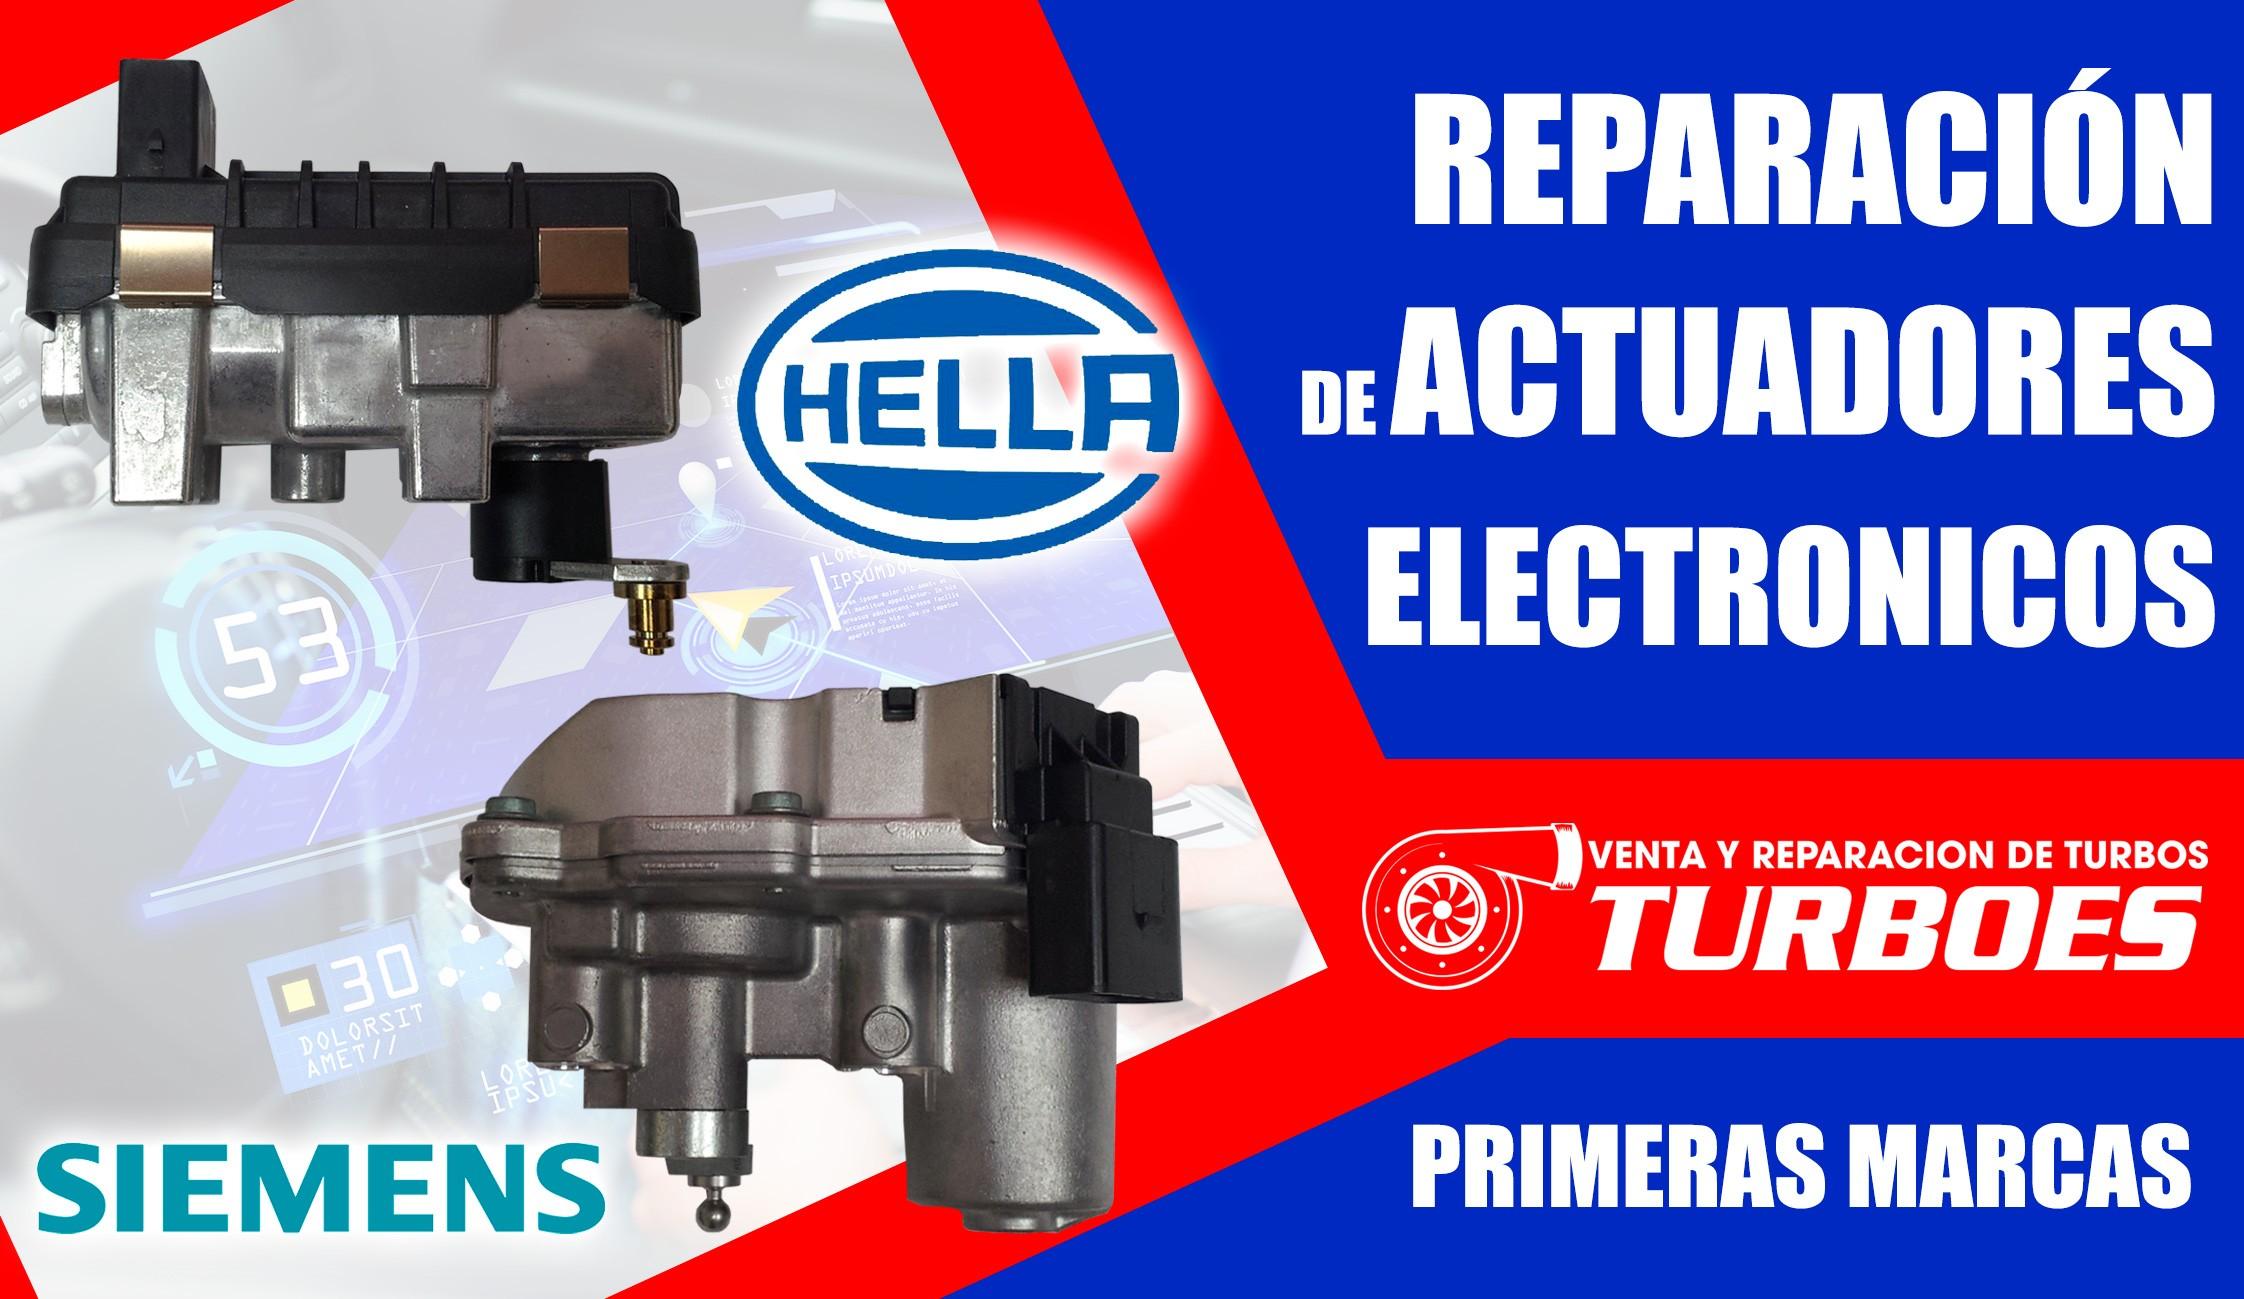 Reparacion actuadores electrónicos